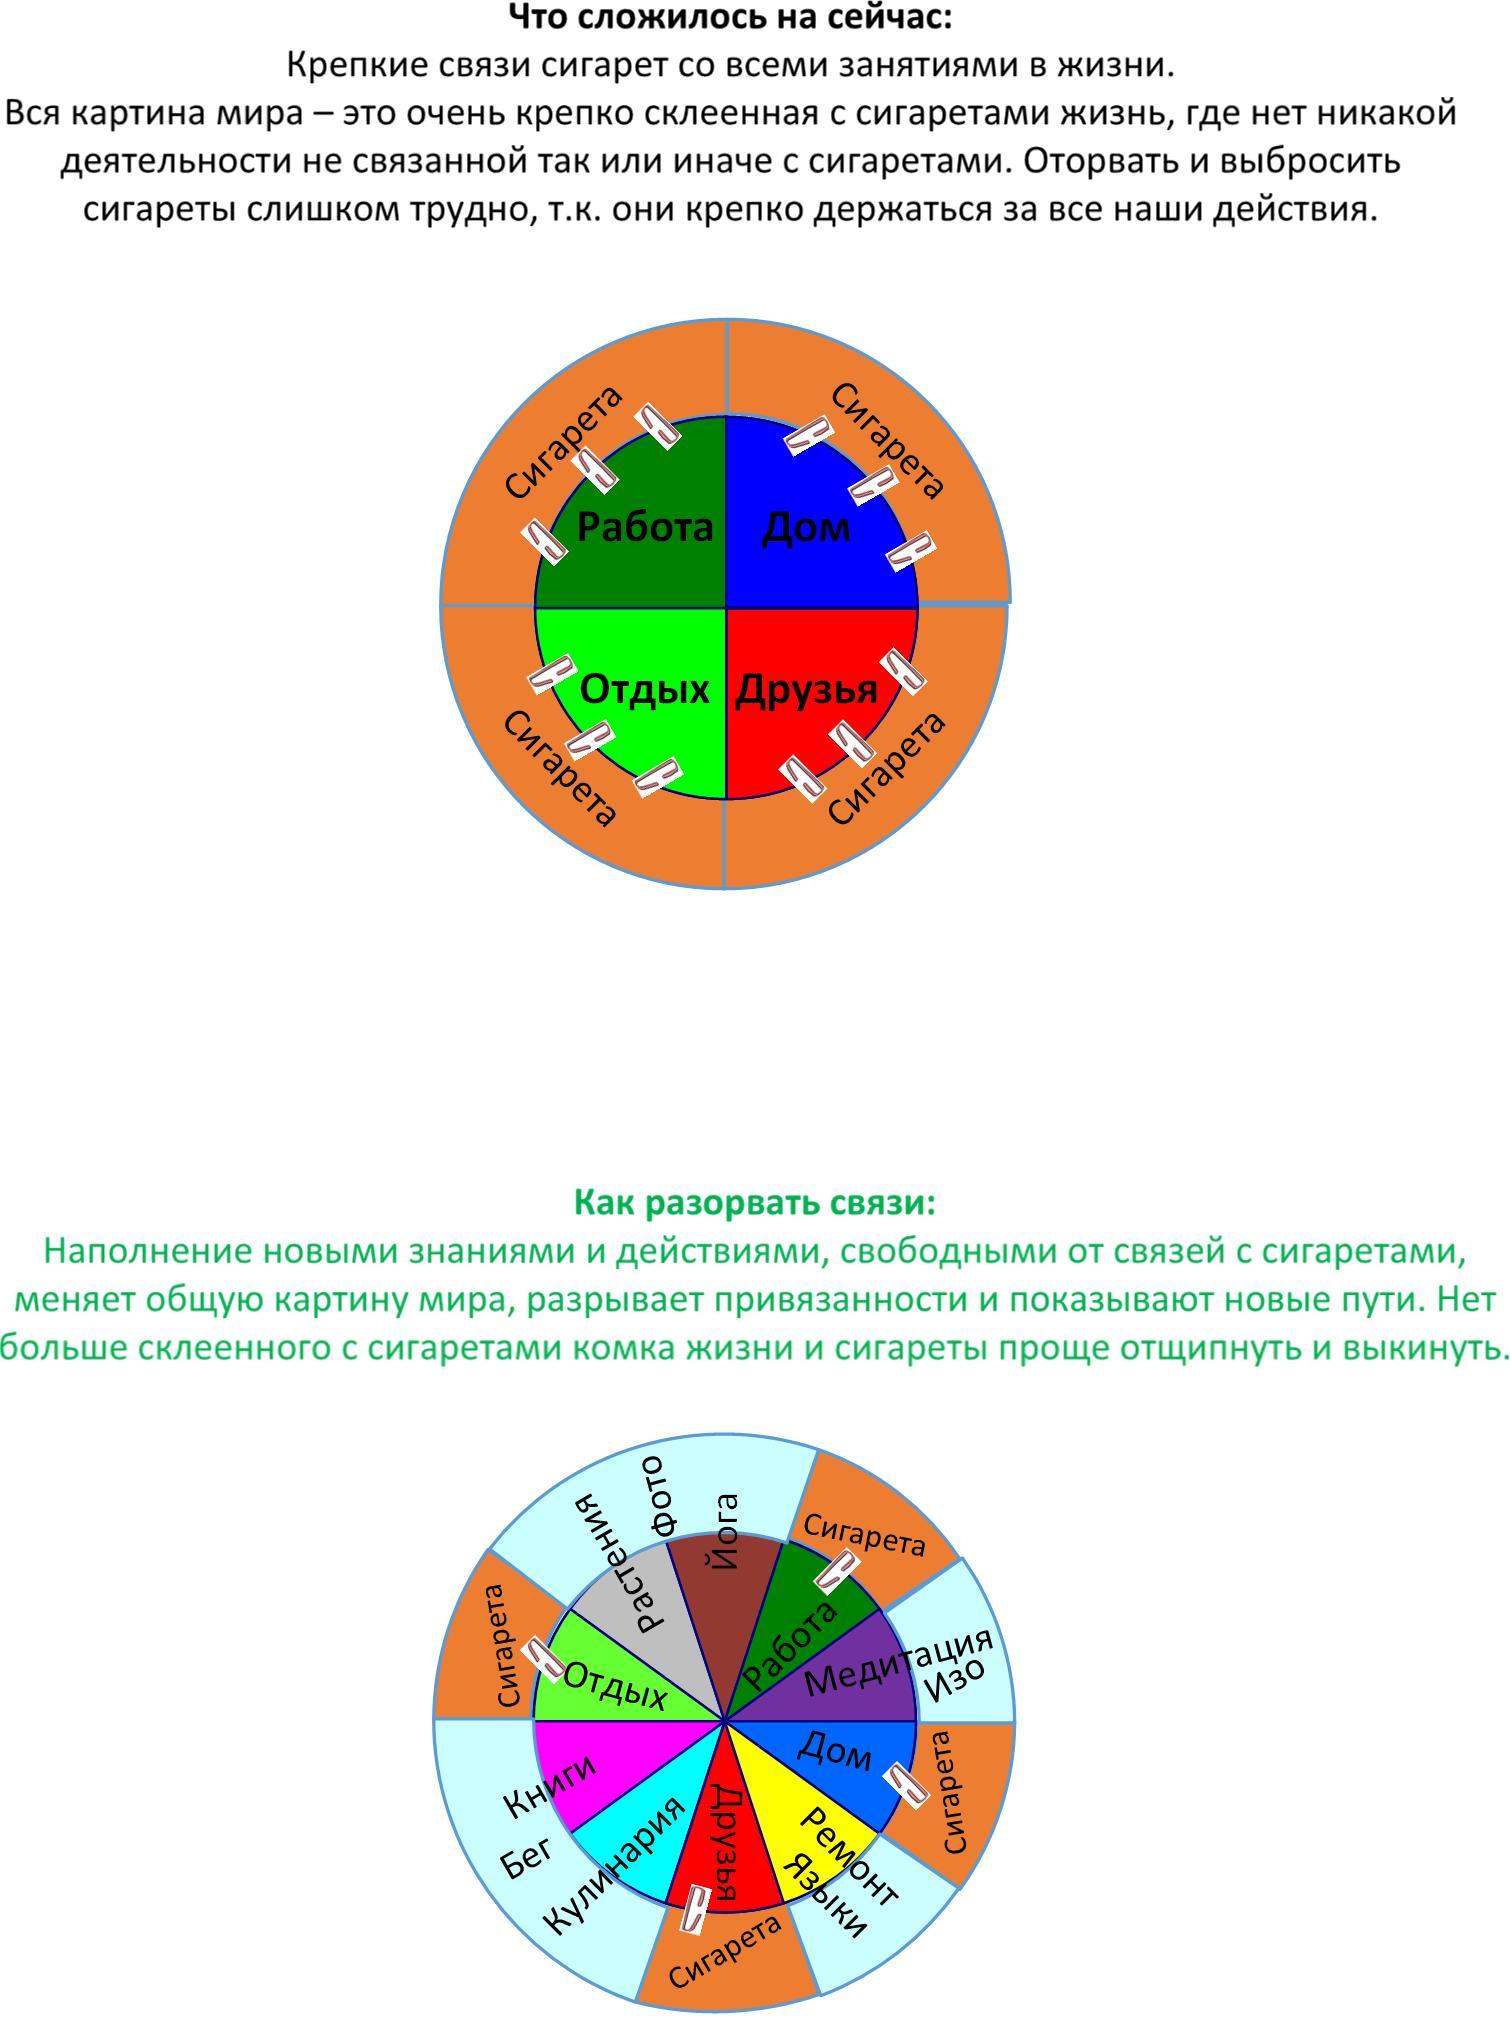 Диаграмма связей сигареты и деятельностей.jpg